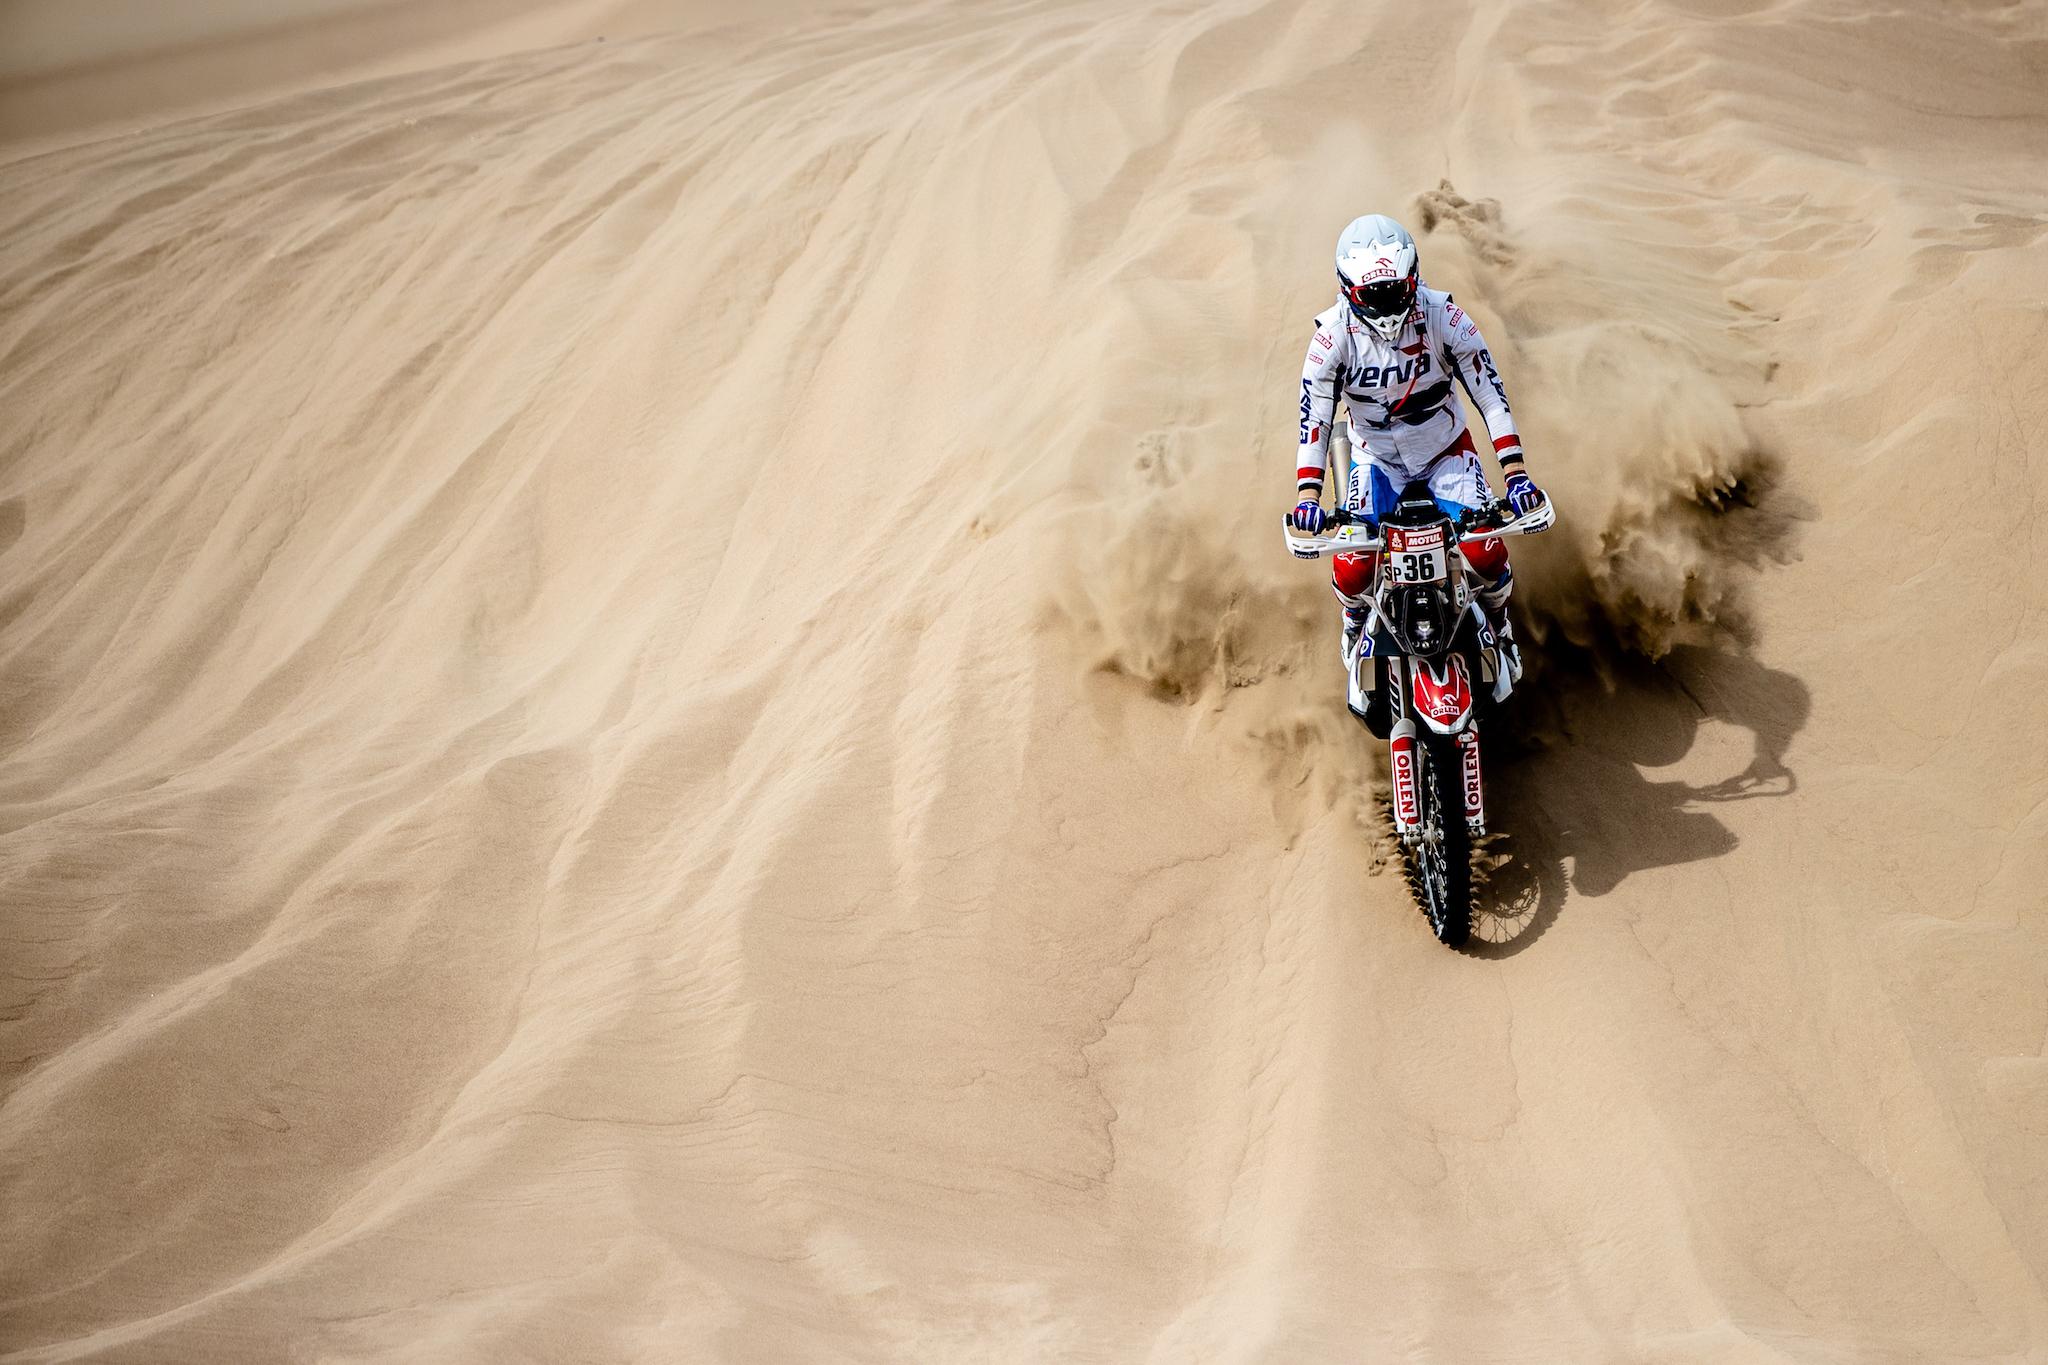 Dakar2019_ORLEN_Team_SS2_Maciek_Adam (2)